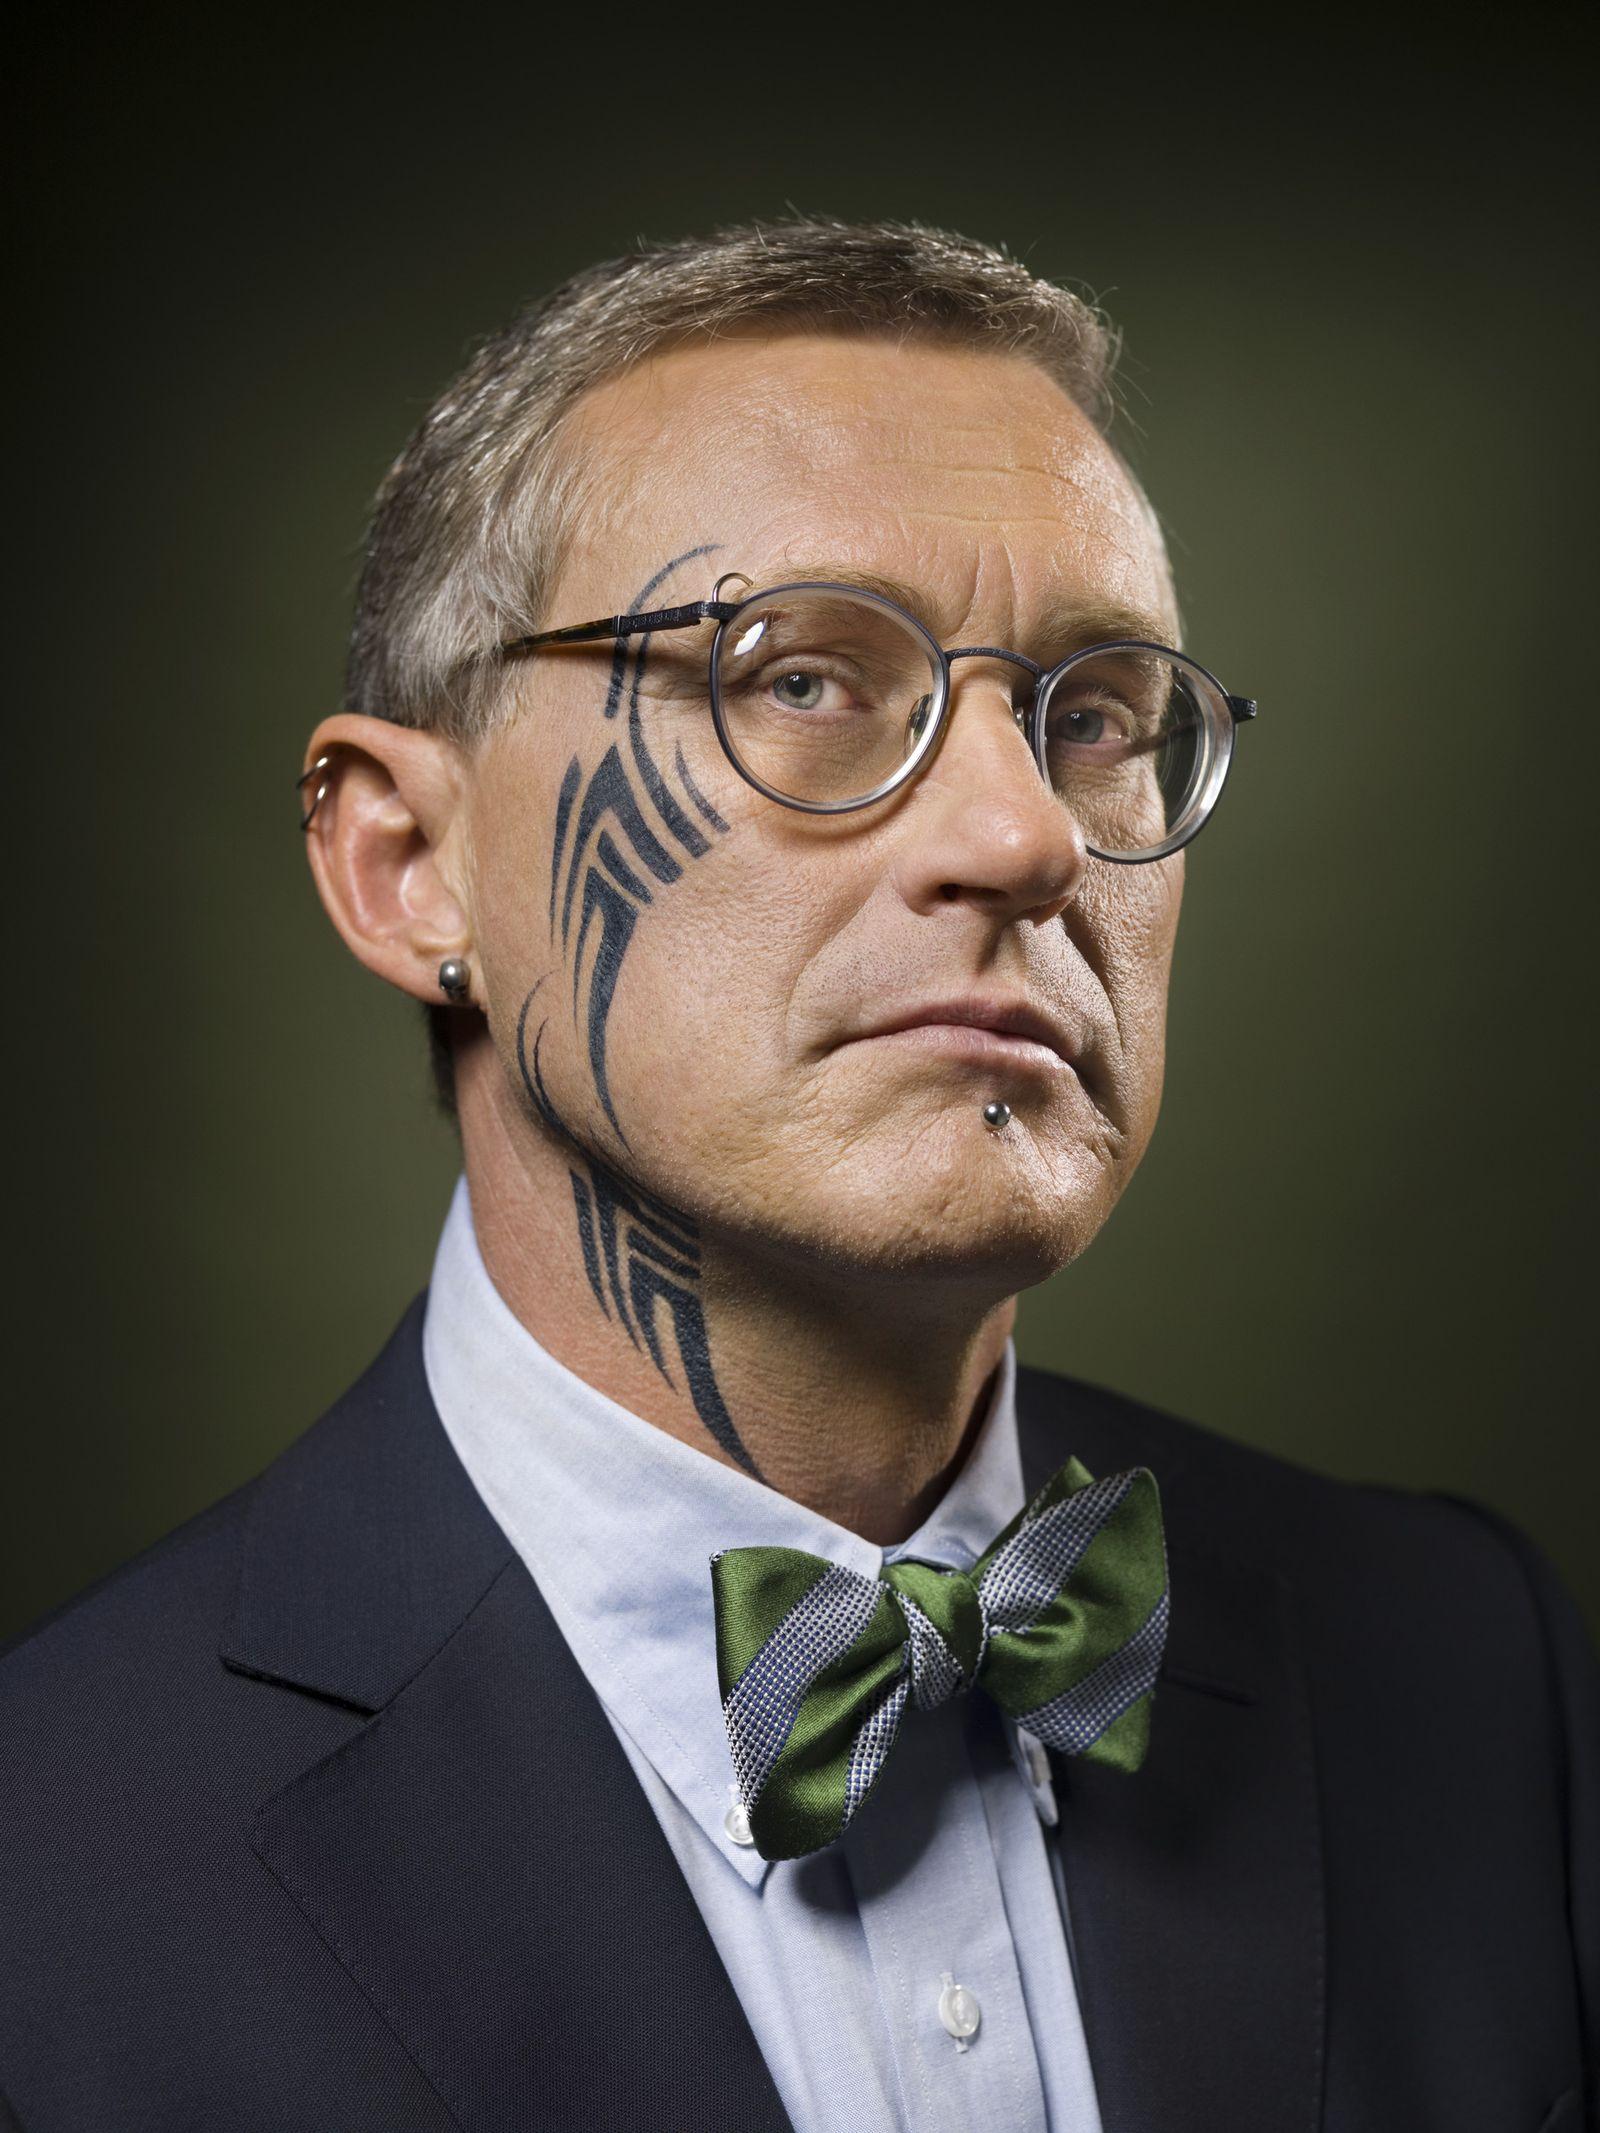 NICHT MEHR VERWENDEN! - EINMALIGE VERWENDUNG KaSP Manager Punk Tattoo SYMBOLBILD